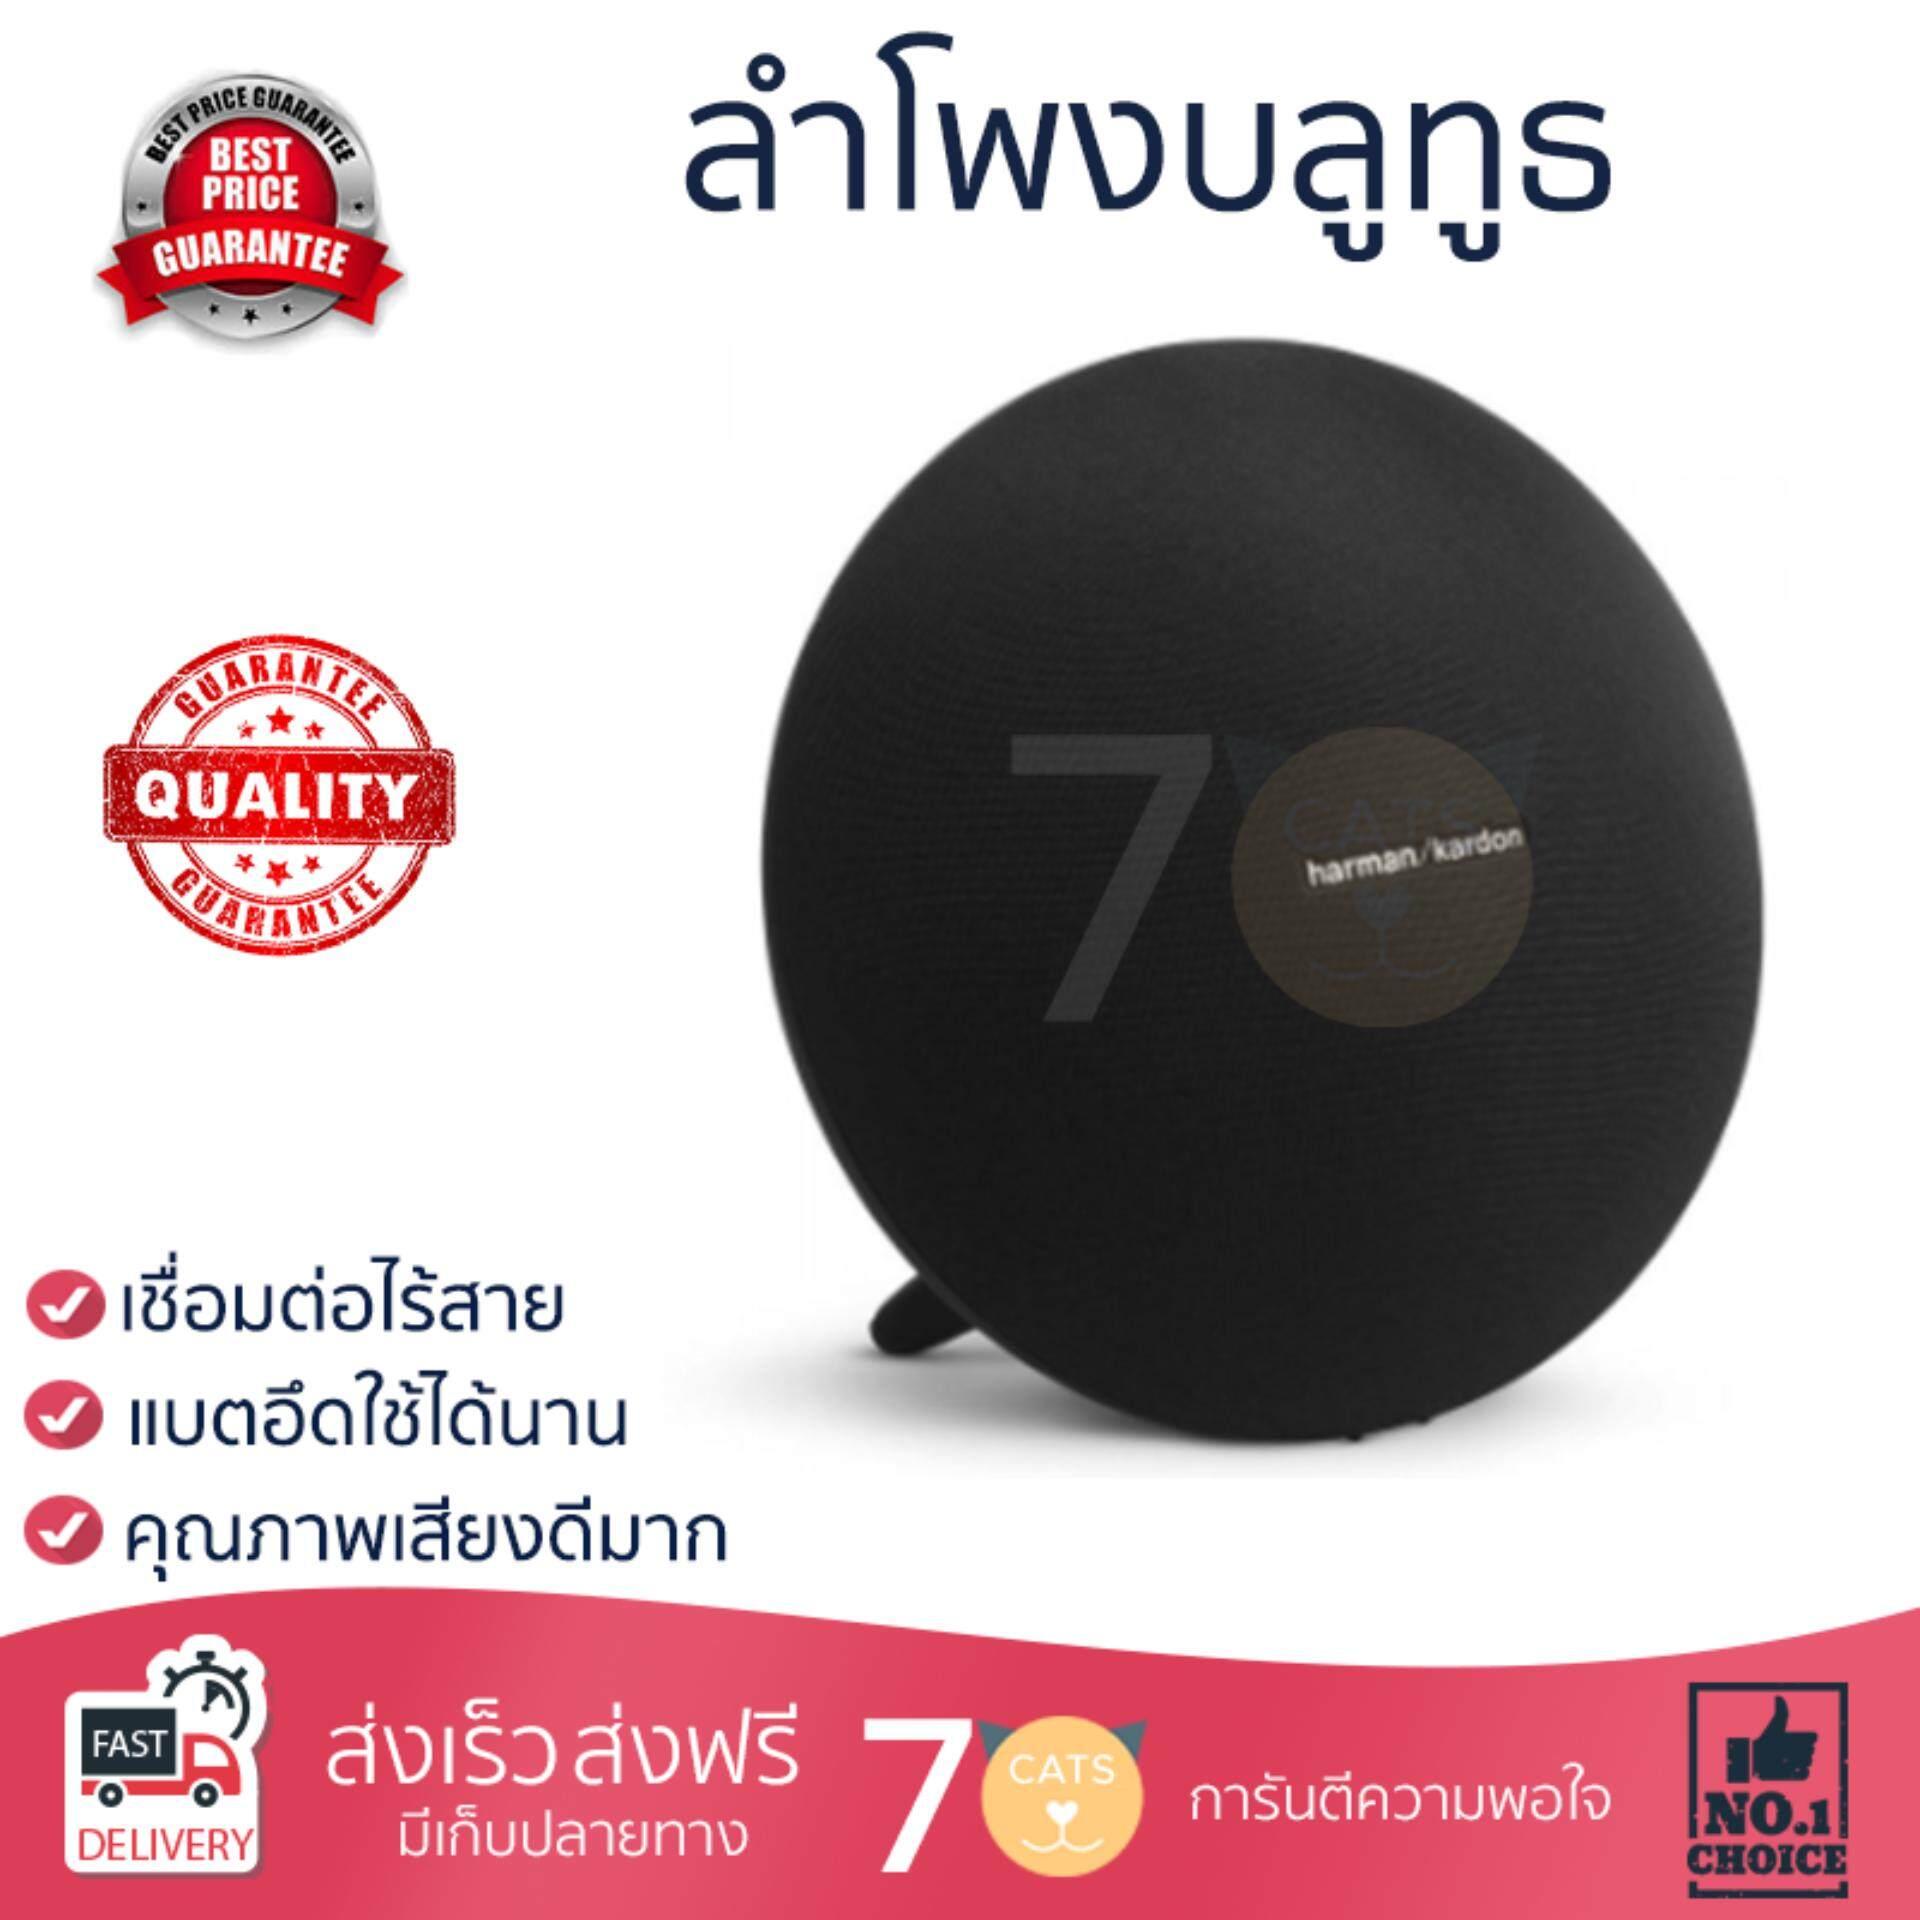 ยี่ห้อไหนดี  ขอนแก่น จัดส่งฟรี ลำโพงบลูทูธ  Harman Kardon Bluetooth Speaker 2.1 Onyx Studio4 Black เสียงใส คุณภาพเกินตัว Wireless Bluetooth Speaker รับประกัน 1 ปี